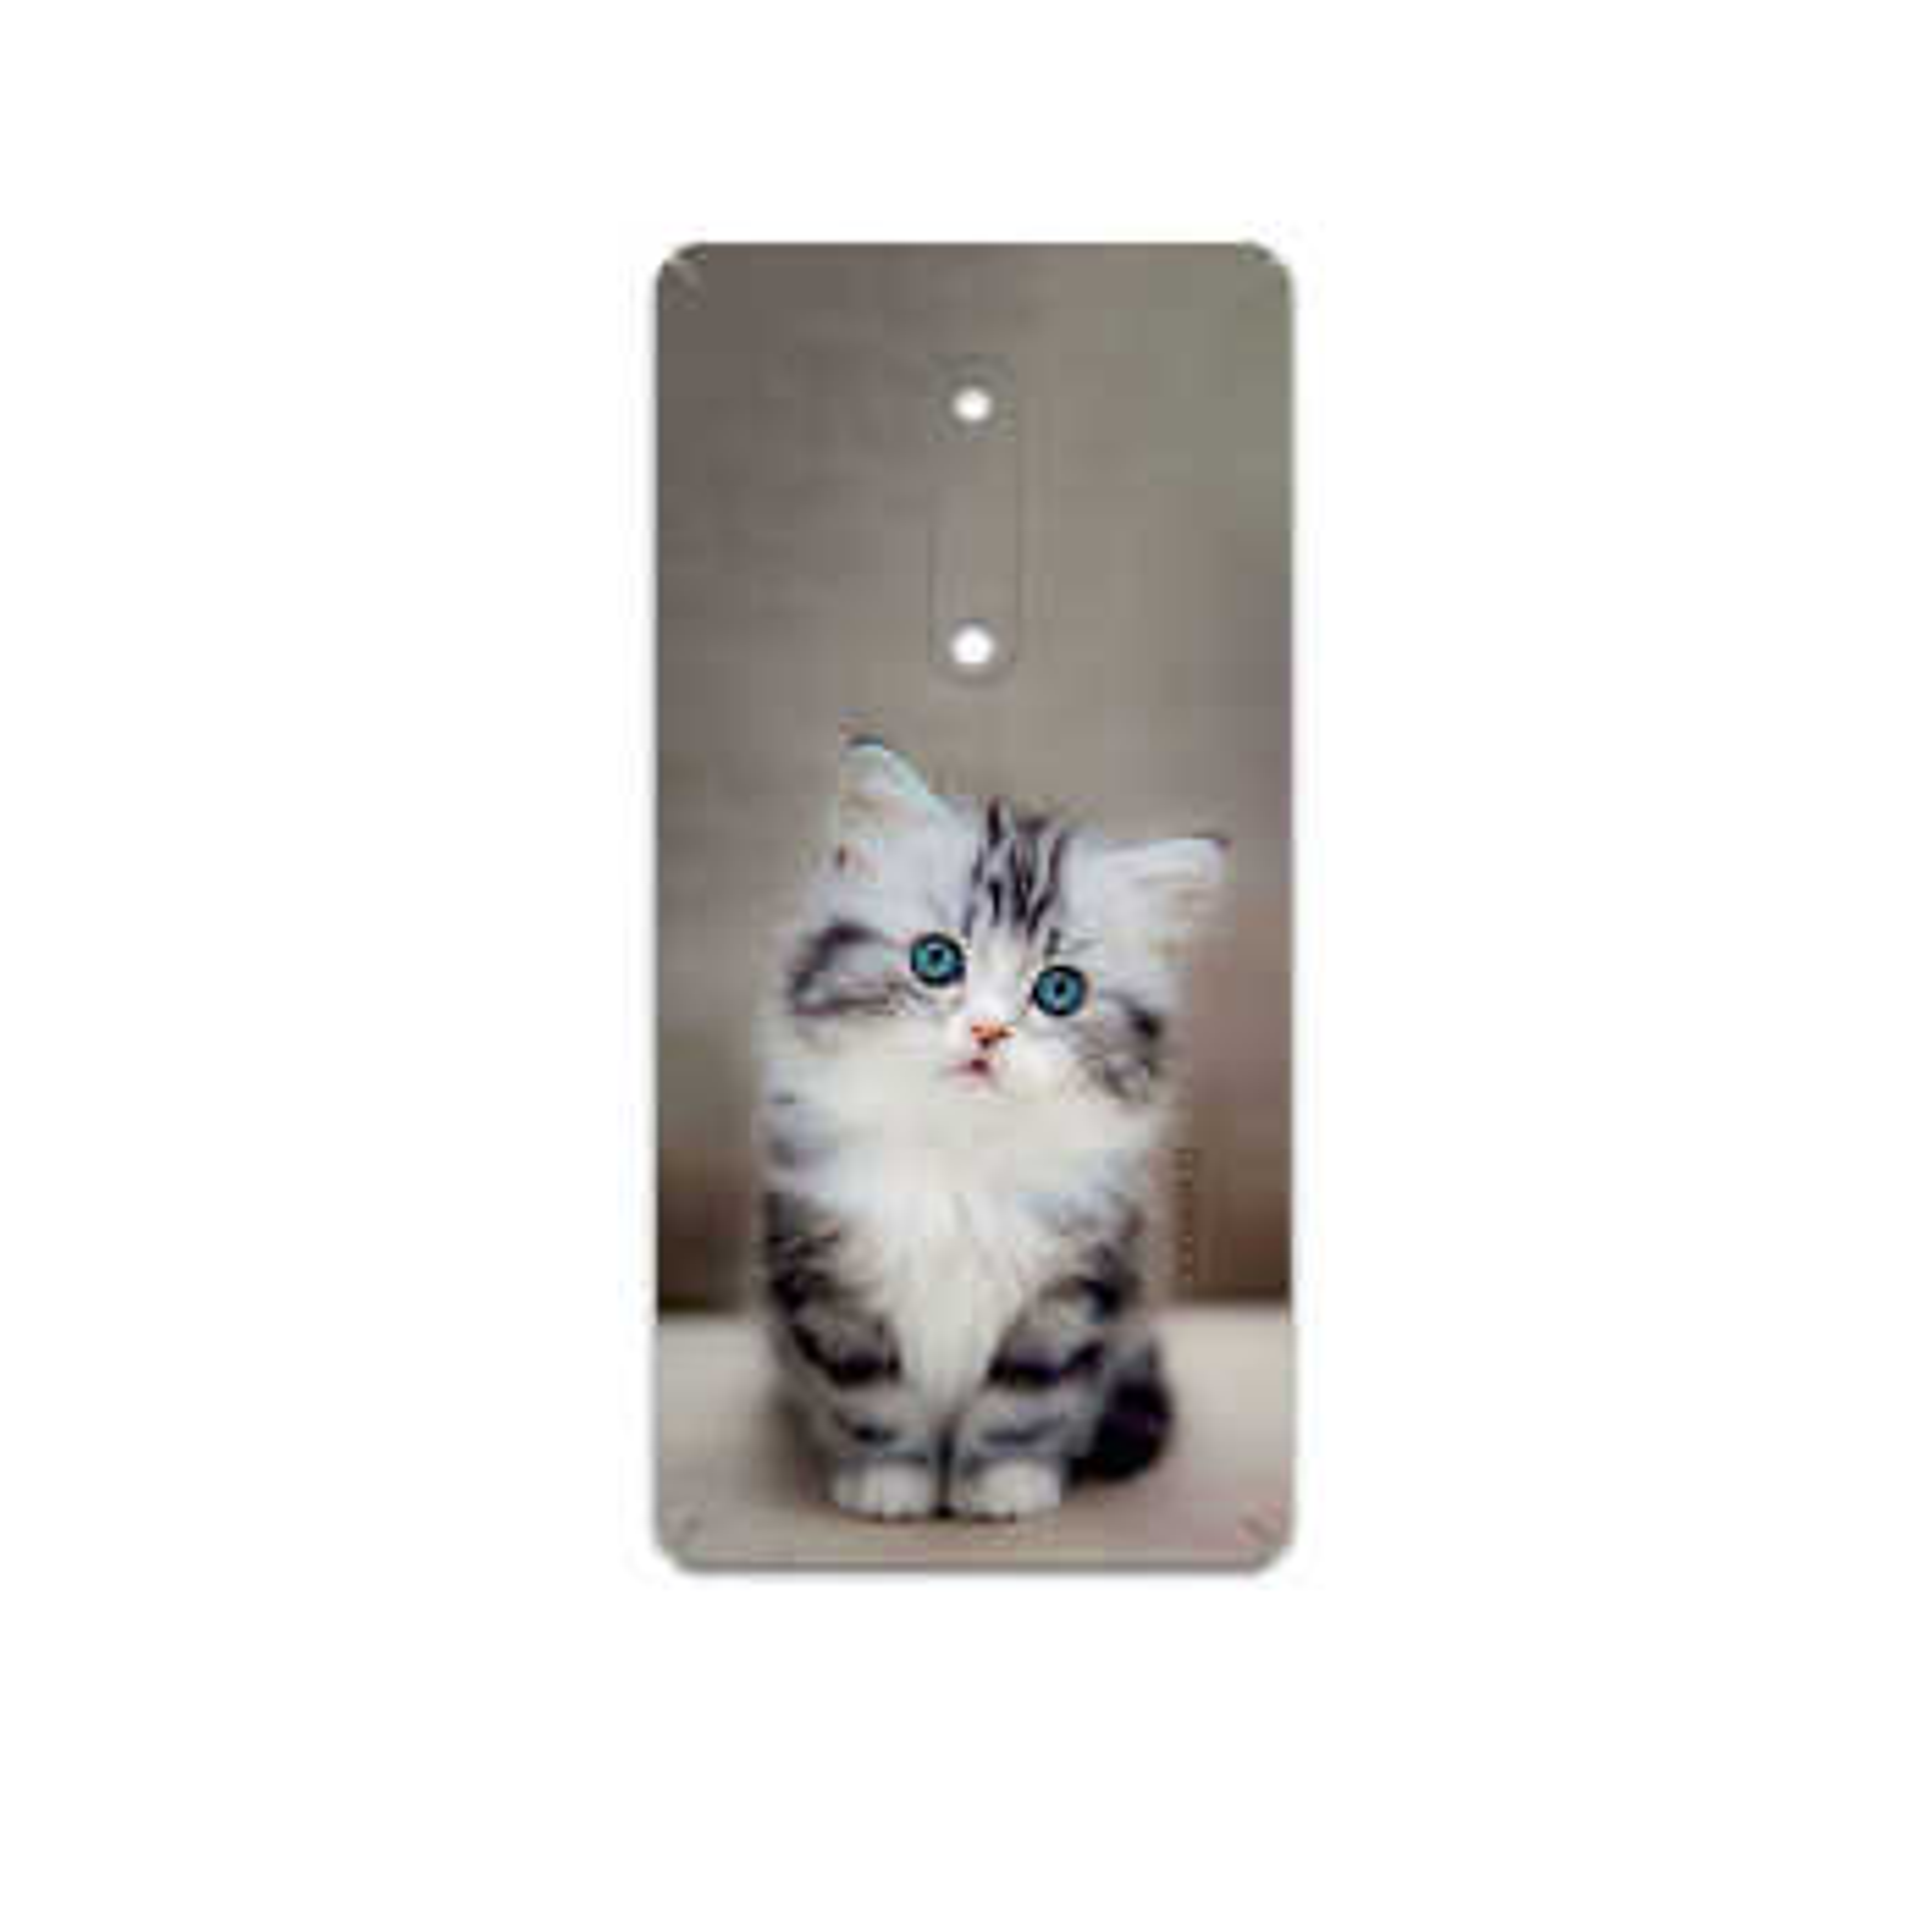 برچسب پوششی ماهوت مدل Cat-2 مناسب برای گوشی موبایل نوکیا 5